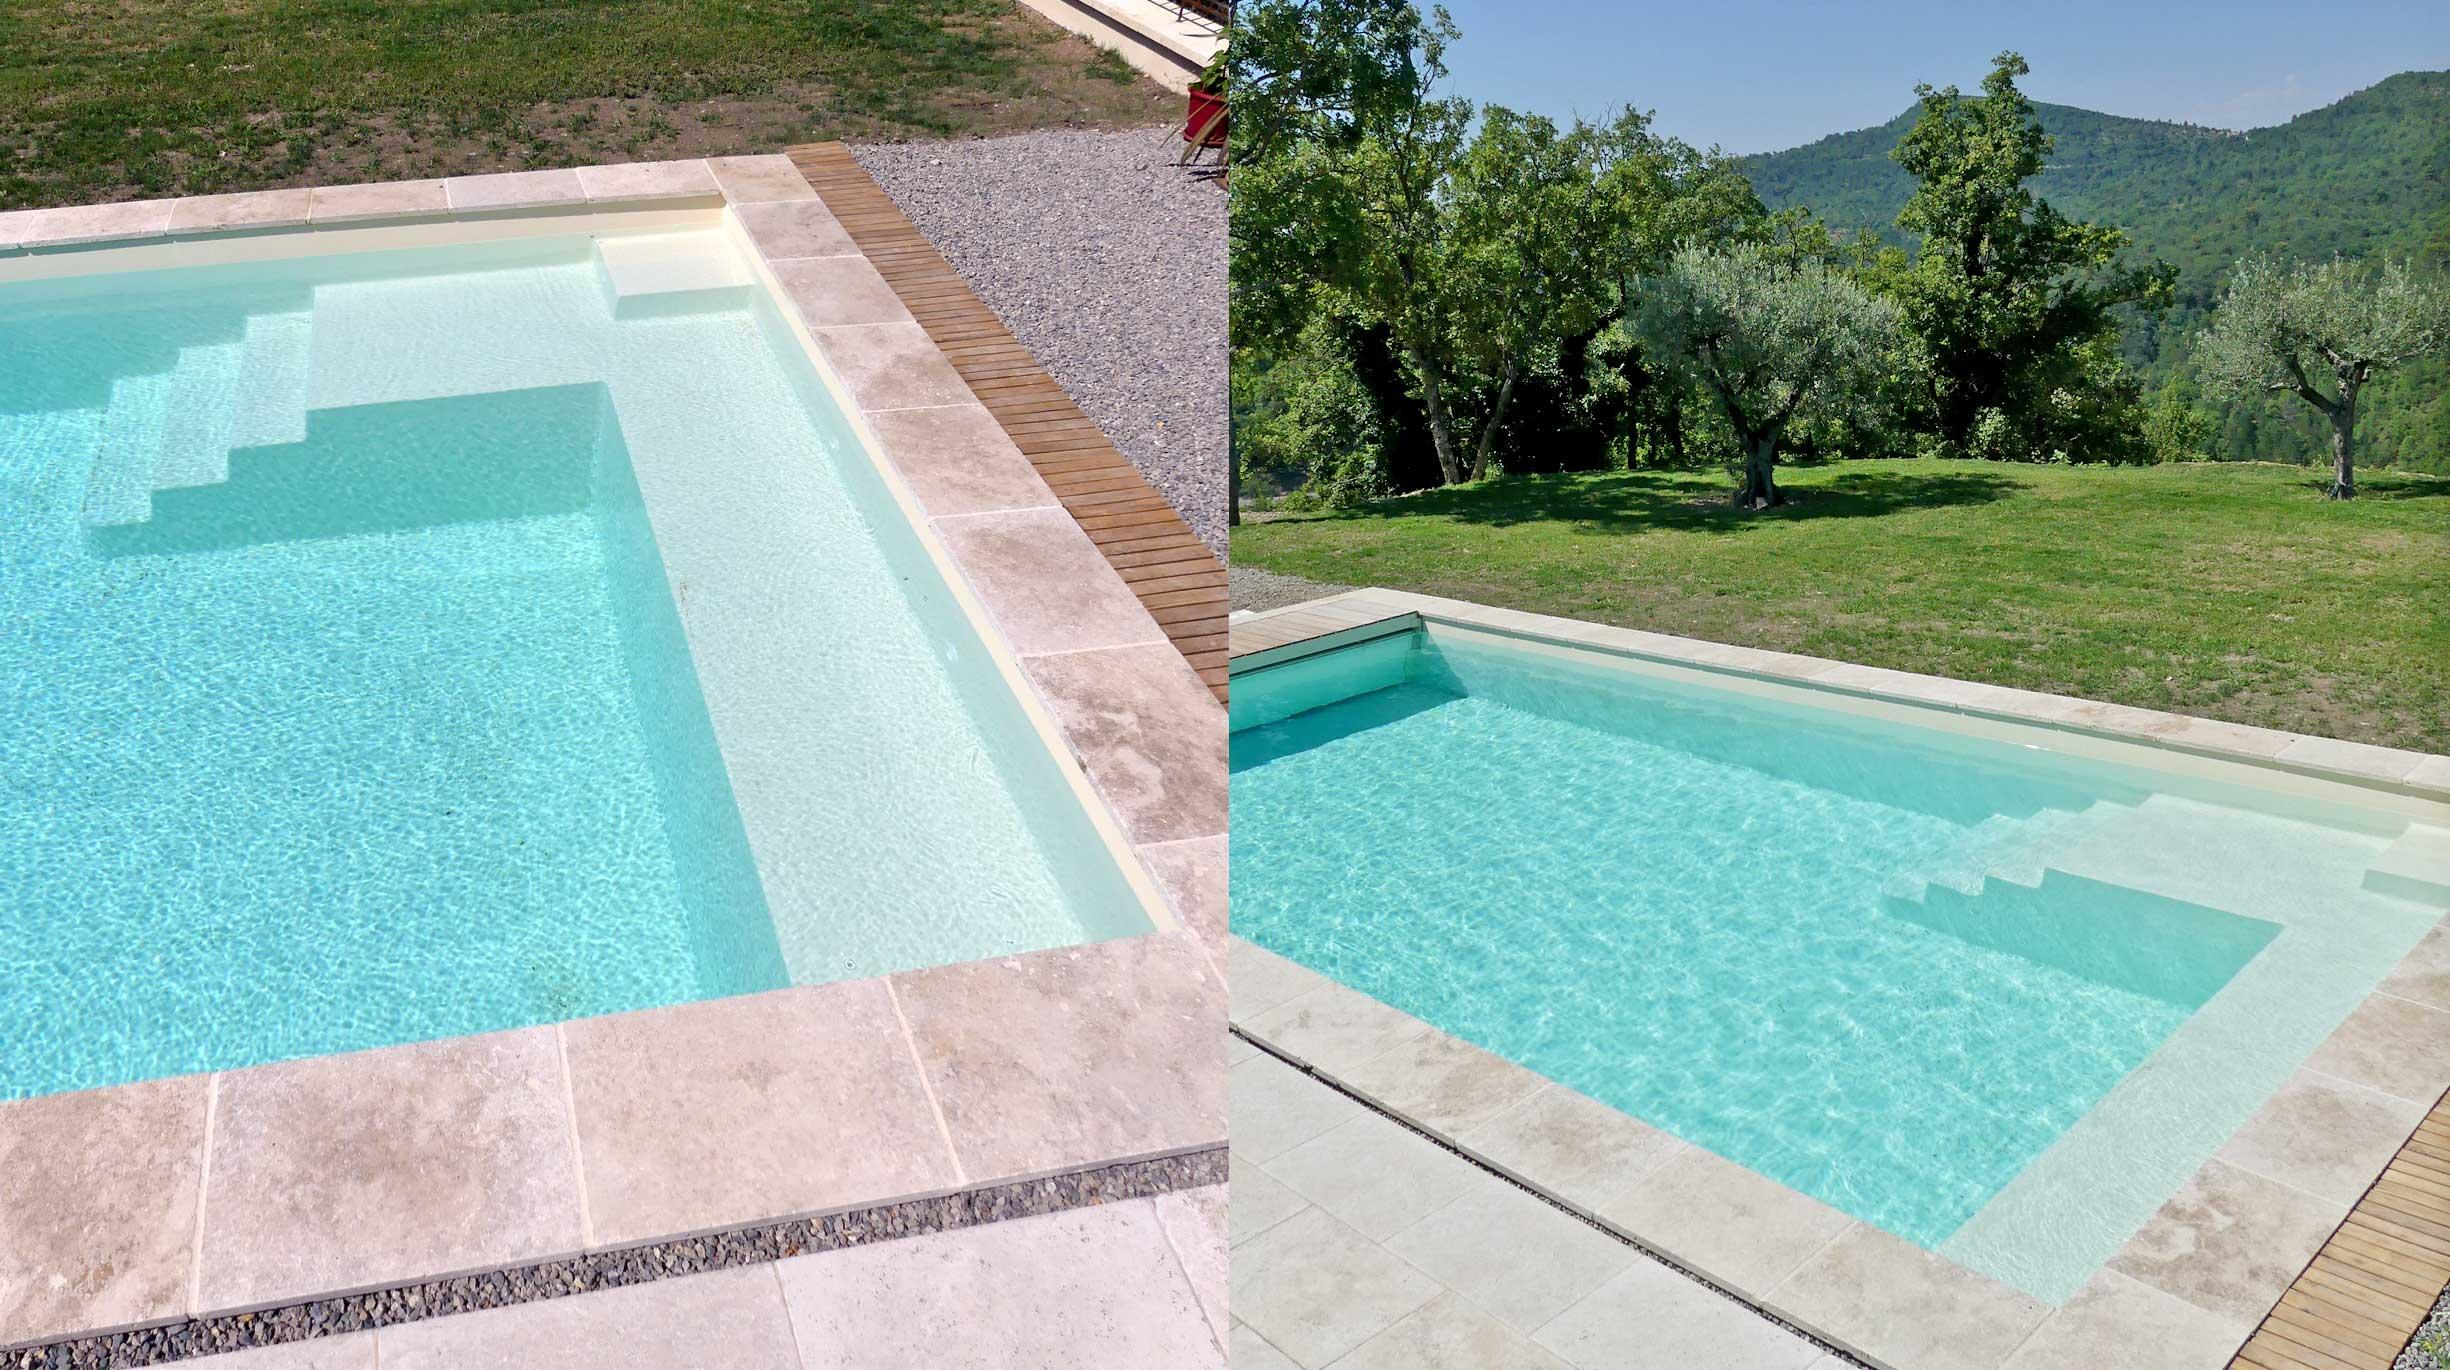 gp_actu_aout_piscine-famille_mont-blanc-3 Notre actualité